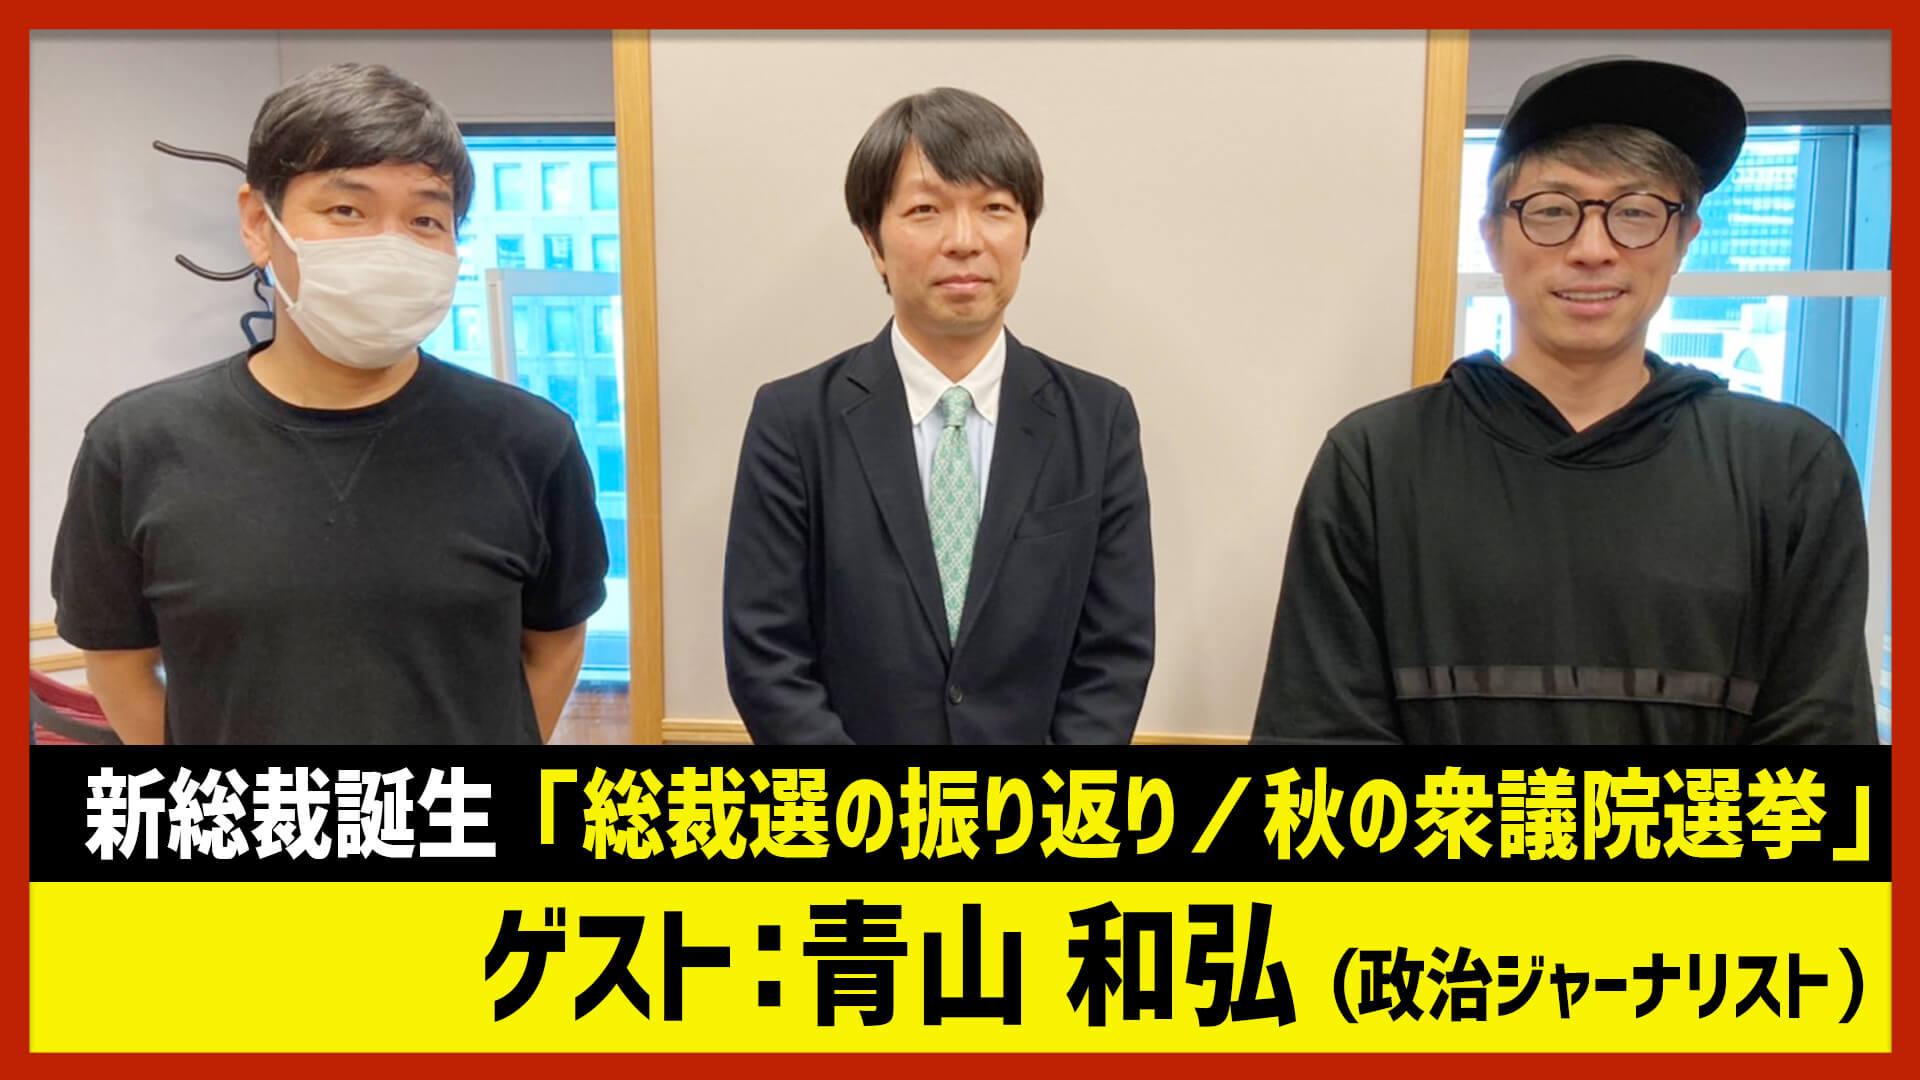 【田村淳のNewsCLUB】ゲスト:青山和弘さん(2021年10月2日後半)